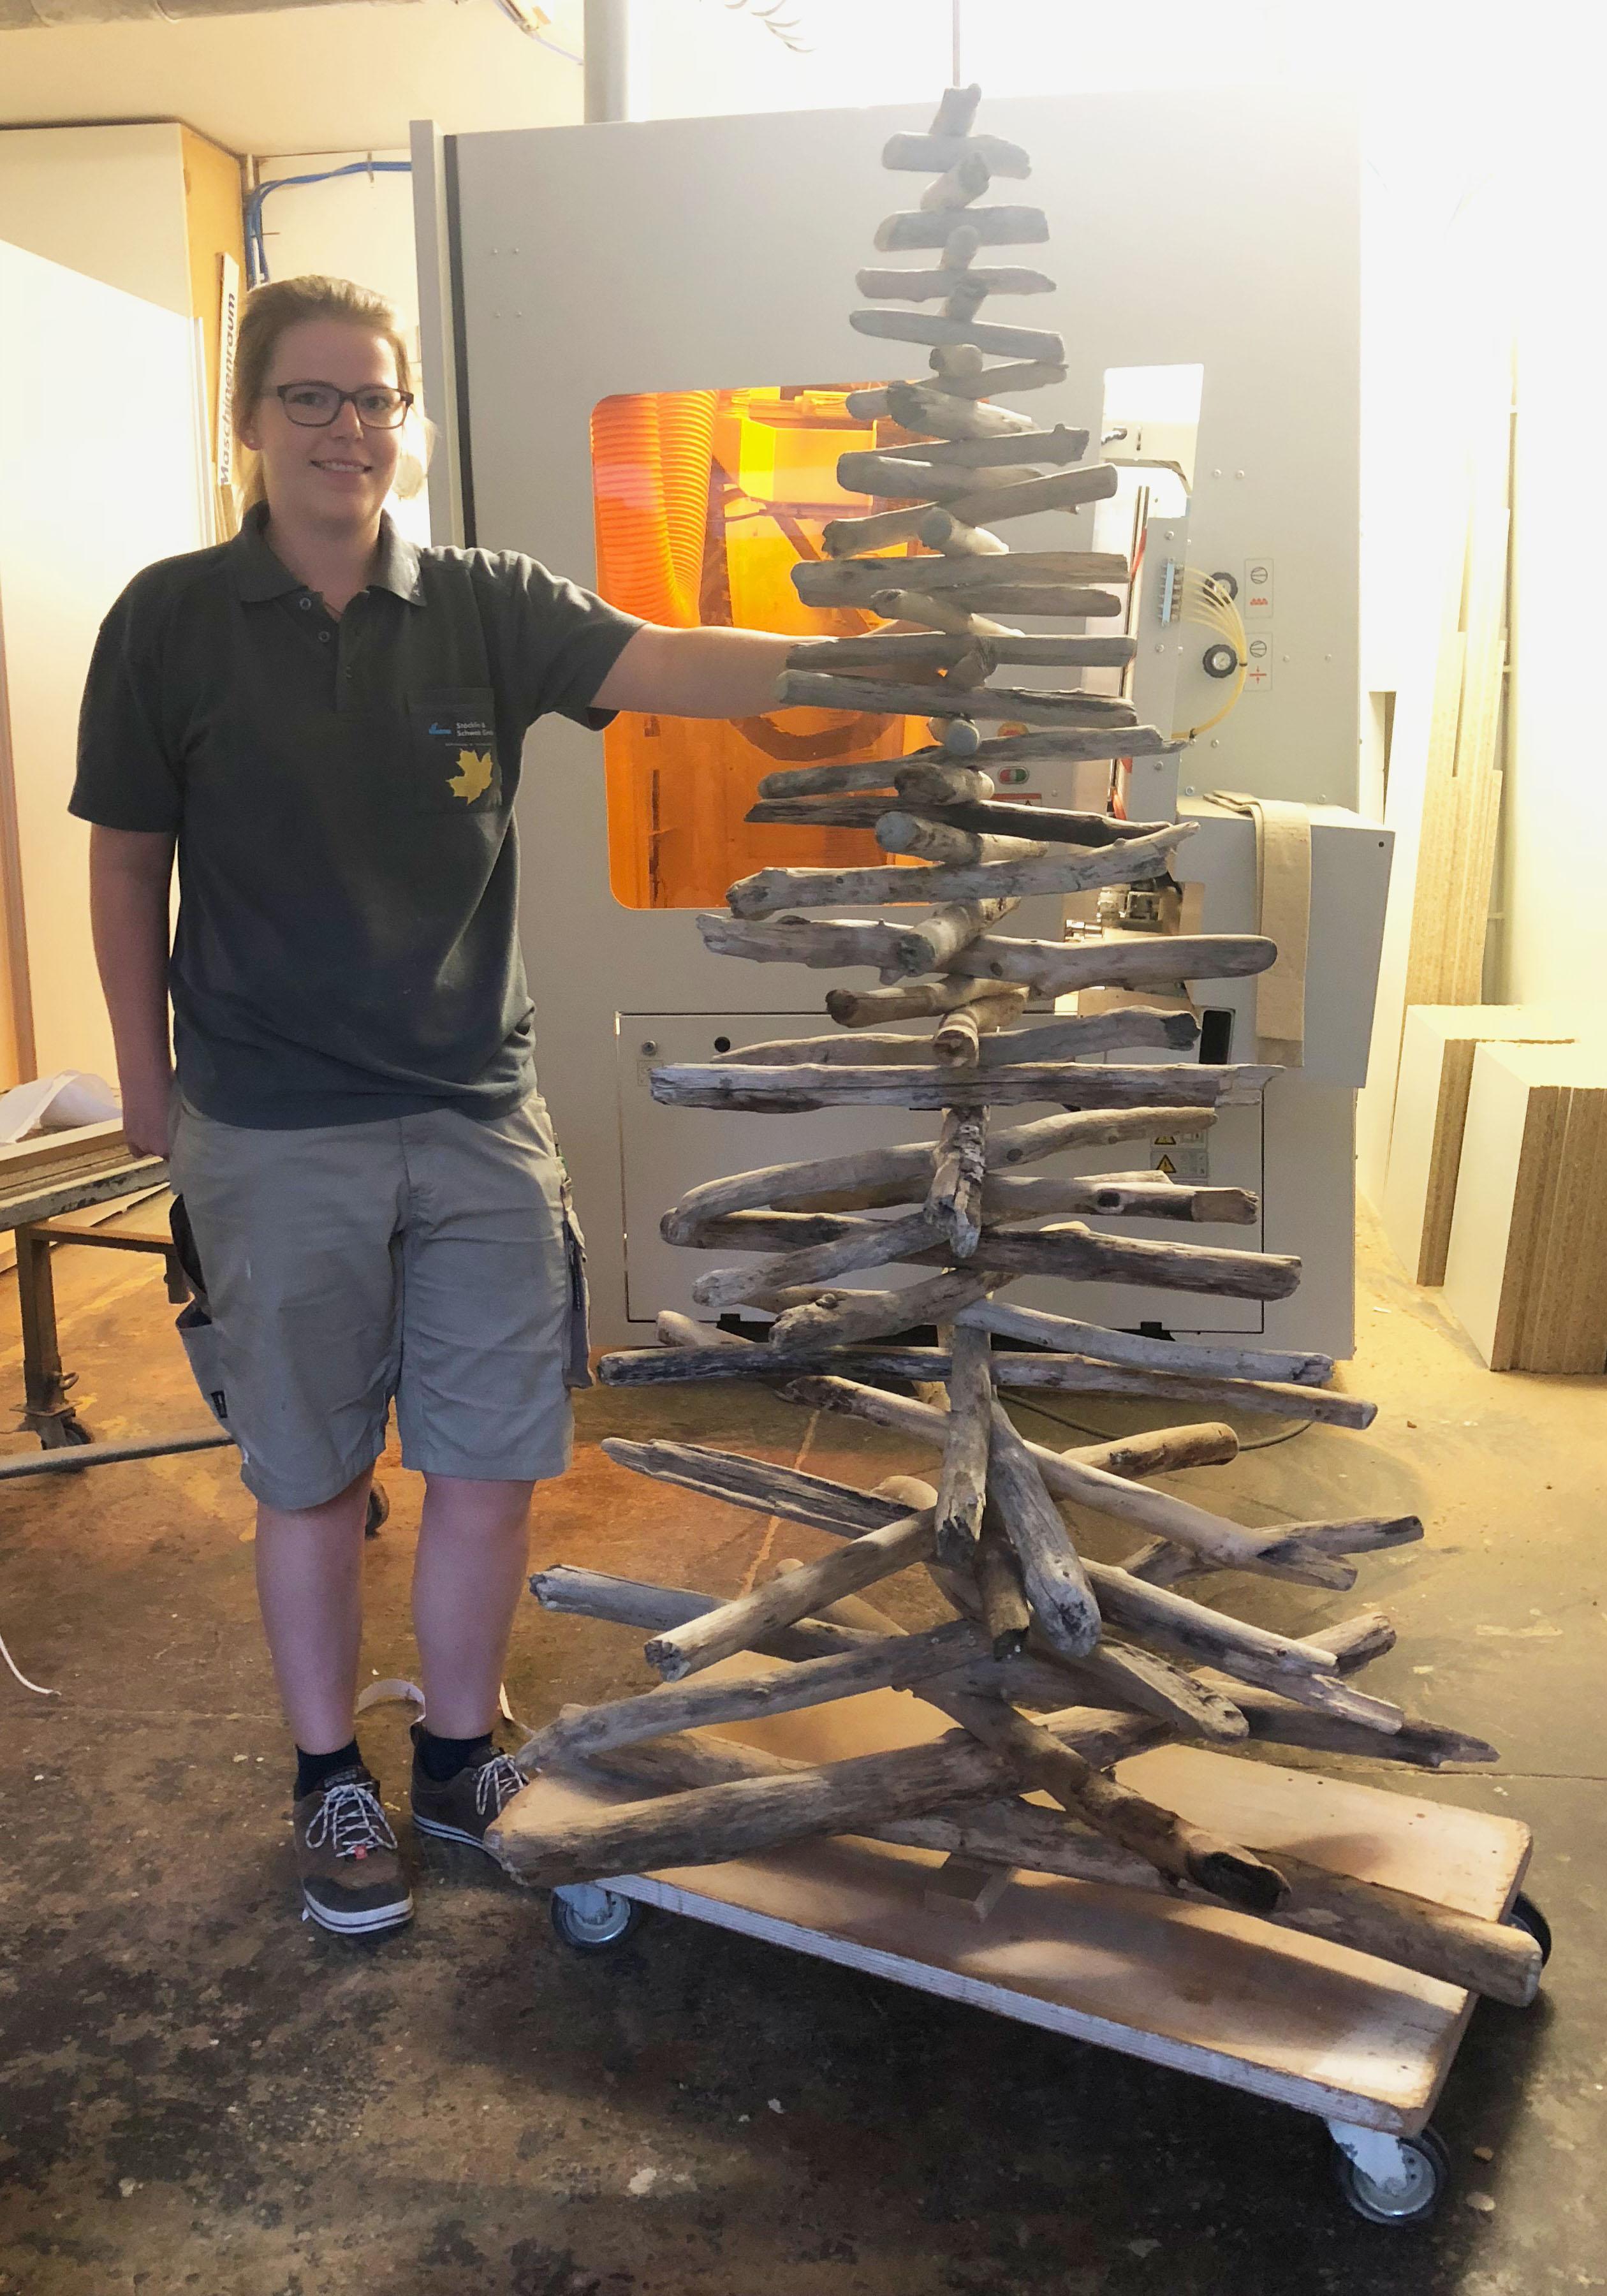 Schreinerin Anna baute den Weihnachtsbaum aus Treibholz